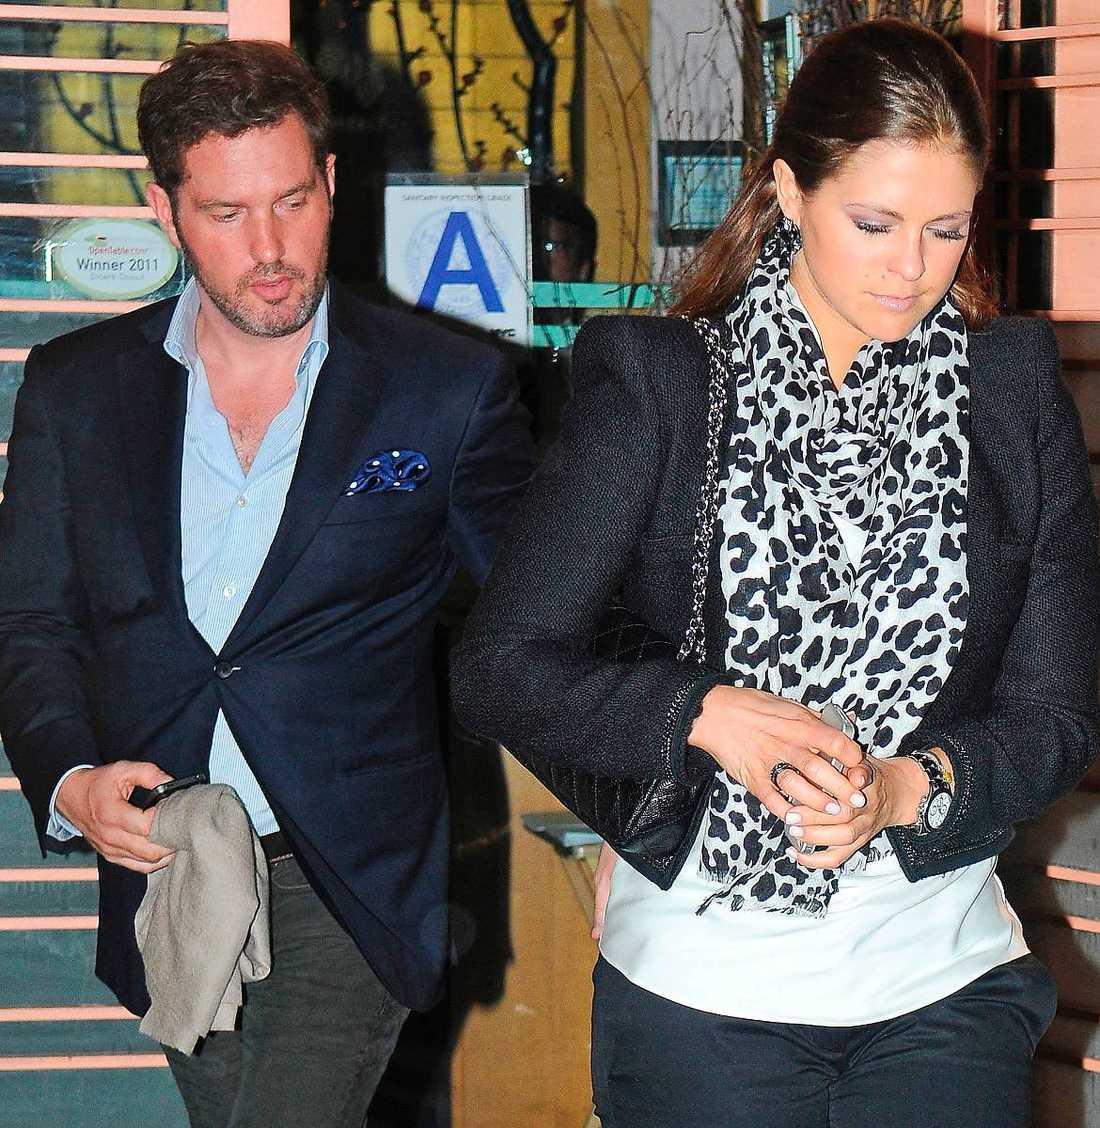 Tvingas lätta på plånboken Chris och Madeleine tänker inte göra om Victorias och Daniels misstag. De lät sig bjudas av miljardären Bertil Hult – och blev anmälda för mutbrott.